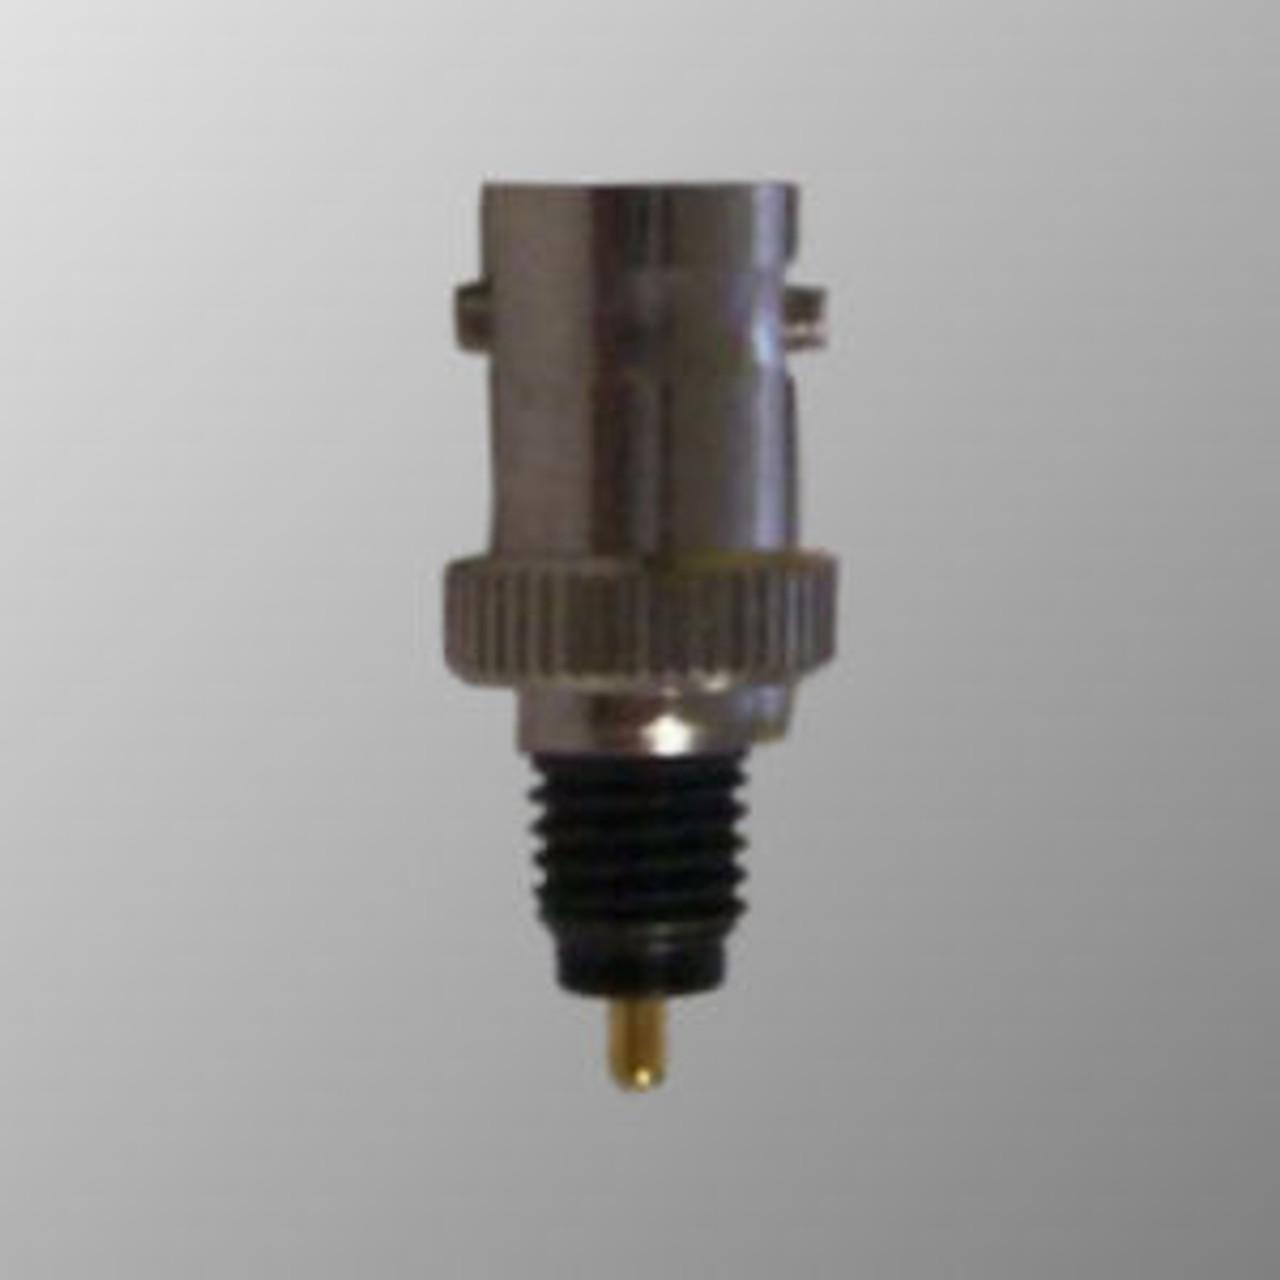 Harris P5350 VHF/UHF Long Range External Mag Mount Antenna Kit- 132-525MHz